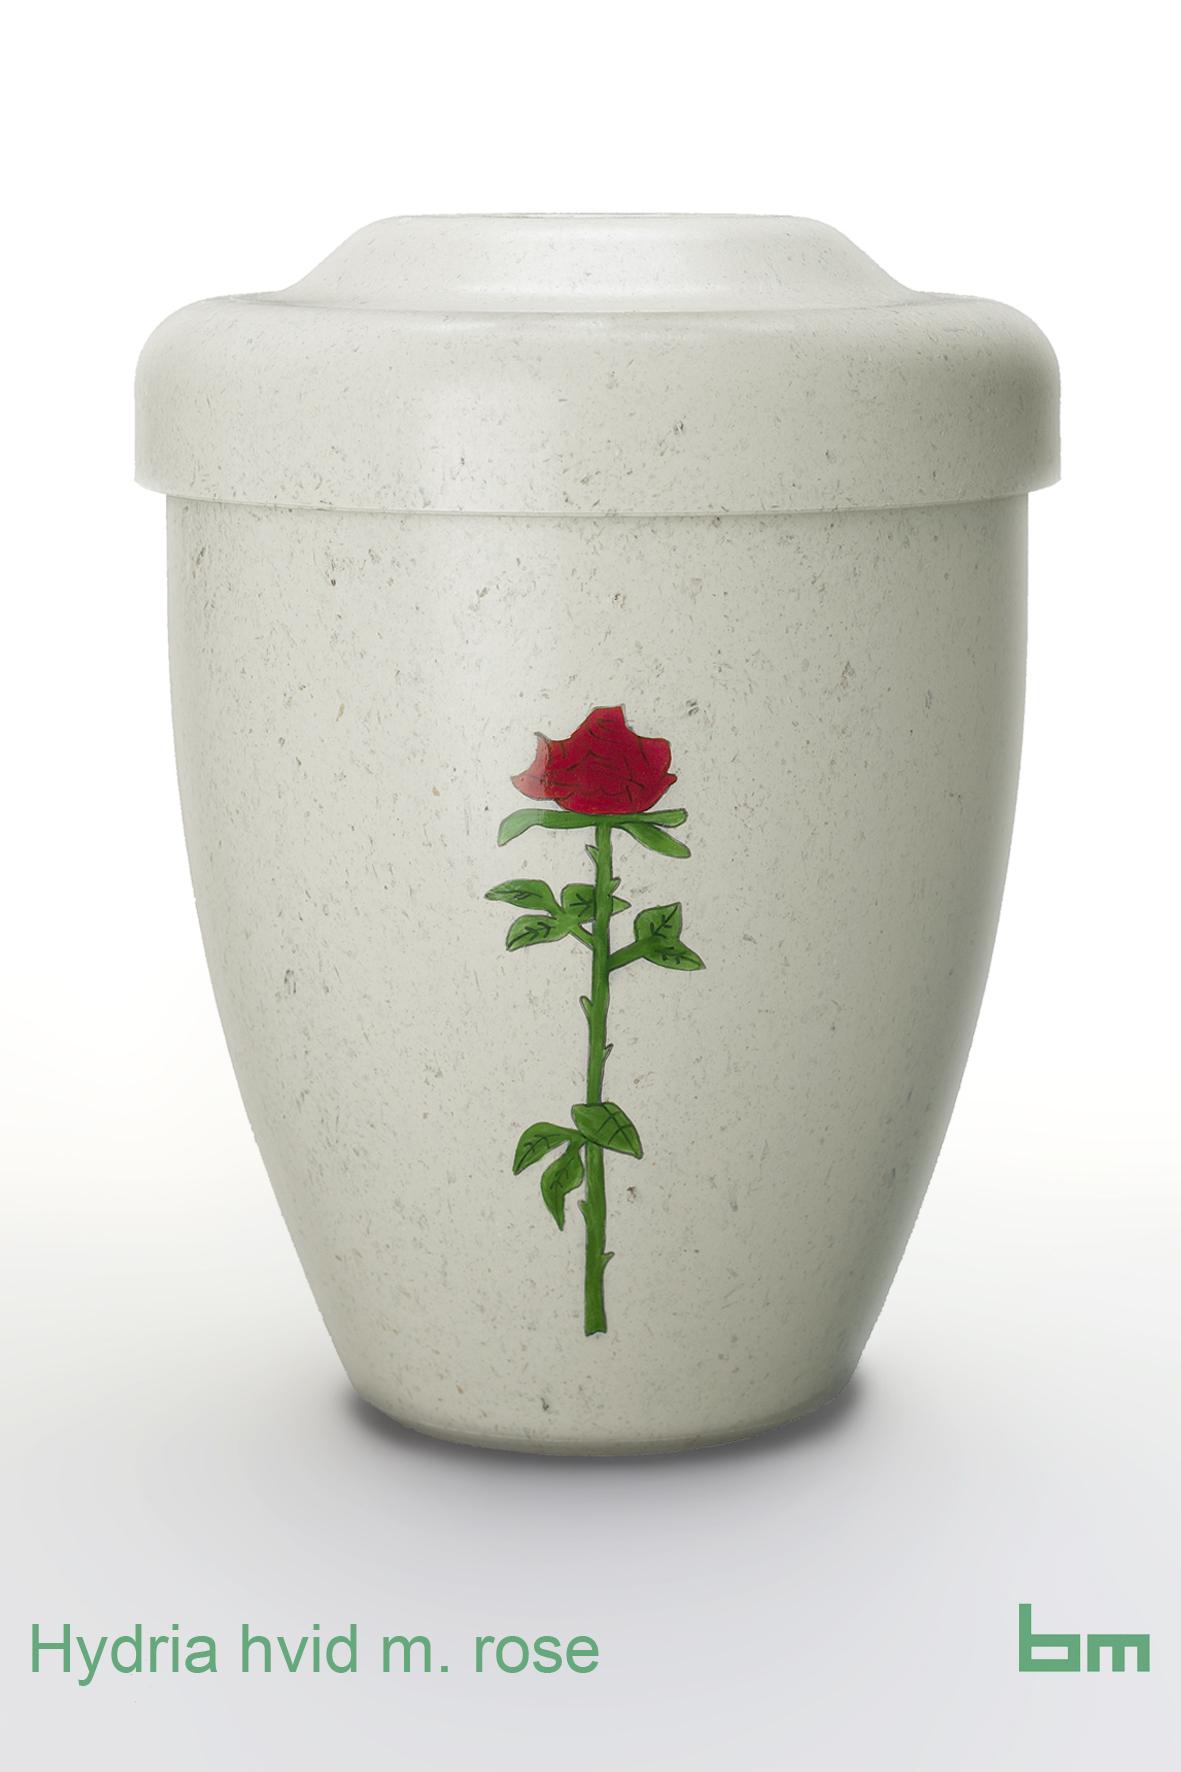 hydria hvid m rose